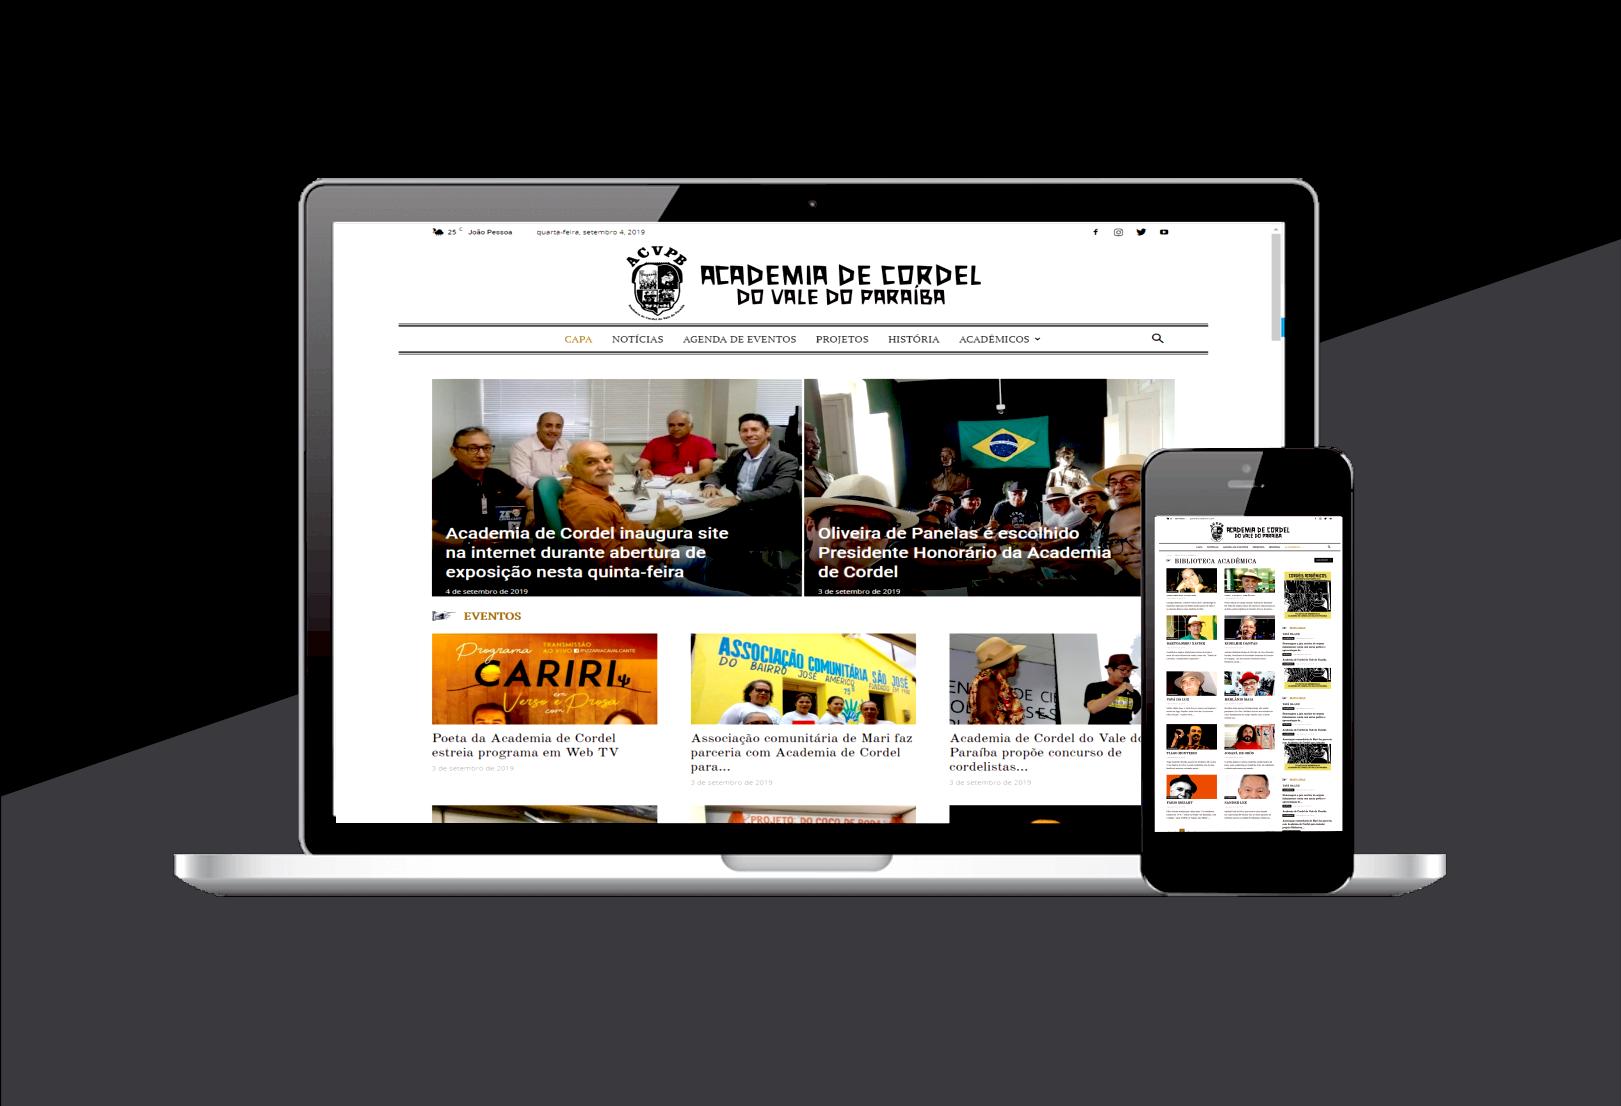 Photo of Academia de Cordel inaugura site na internet durante abertura de exposição nesta quinta-feira